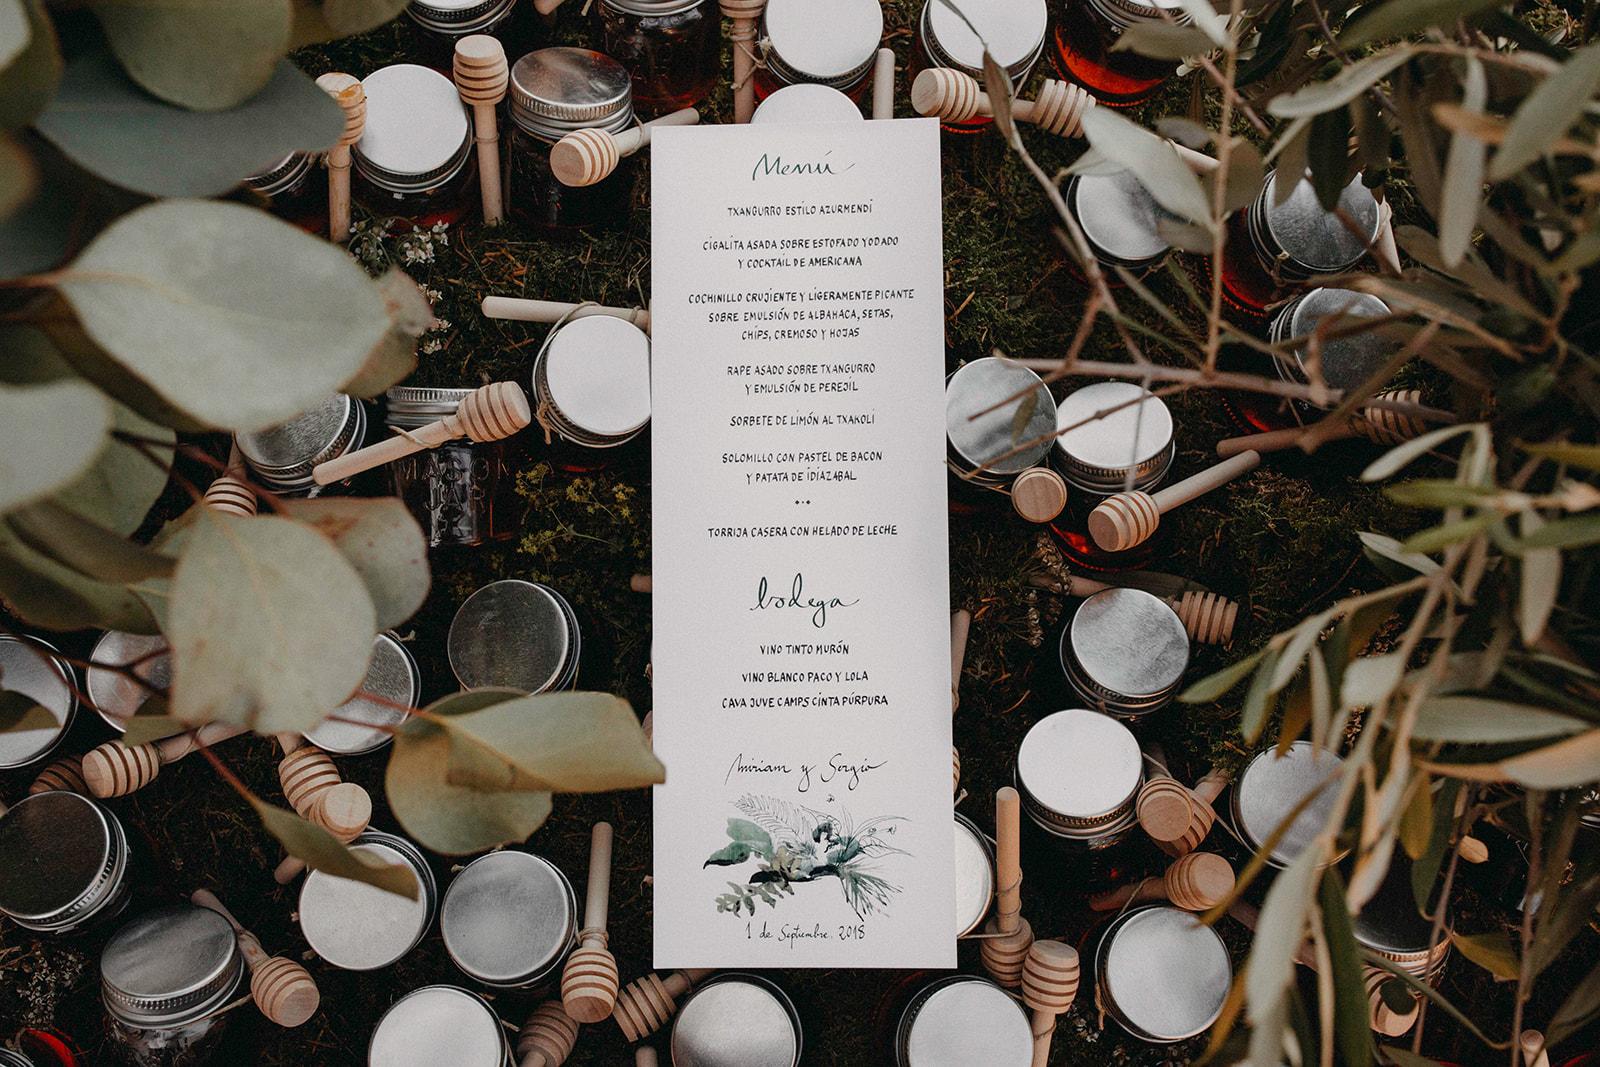 miel - regalos de bodas - menu -Itziar Ortuondo